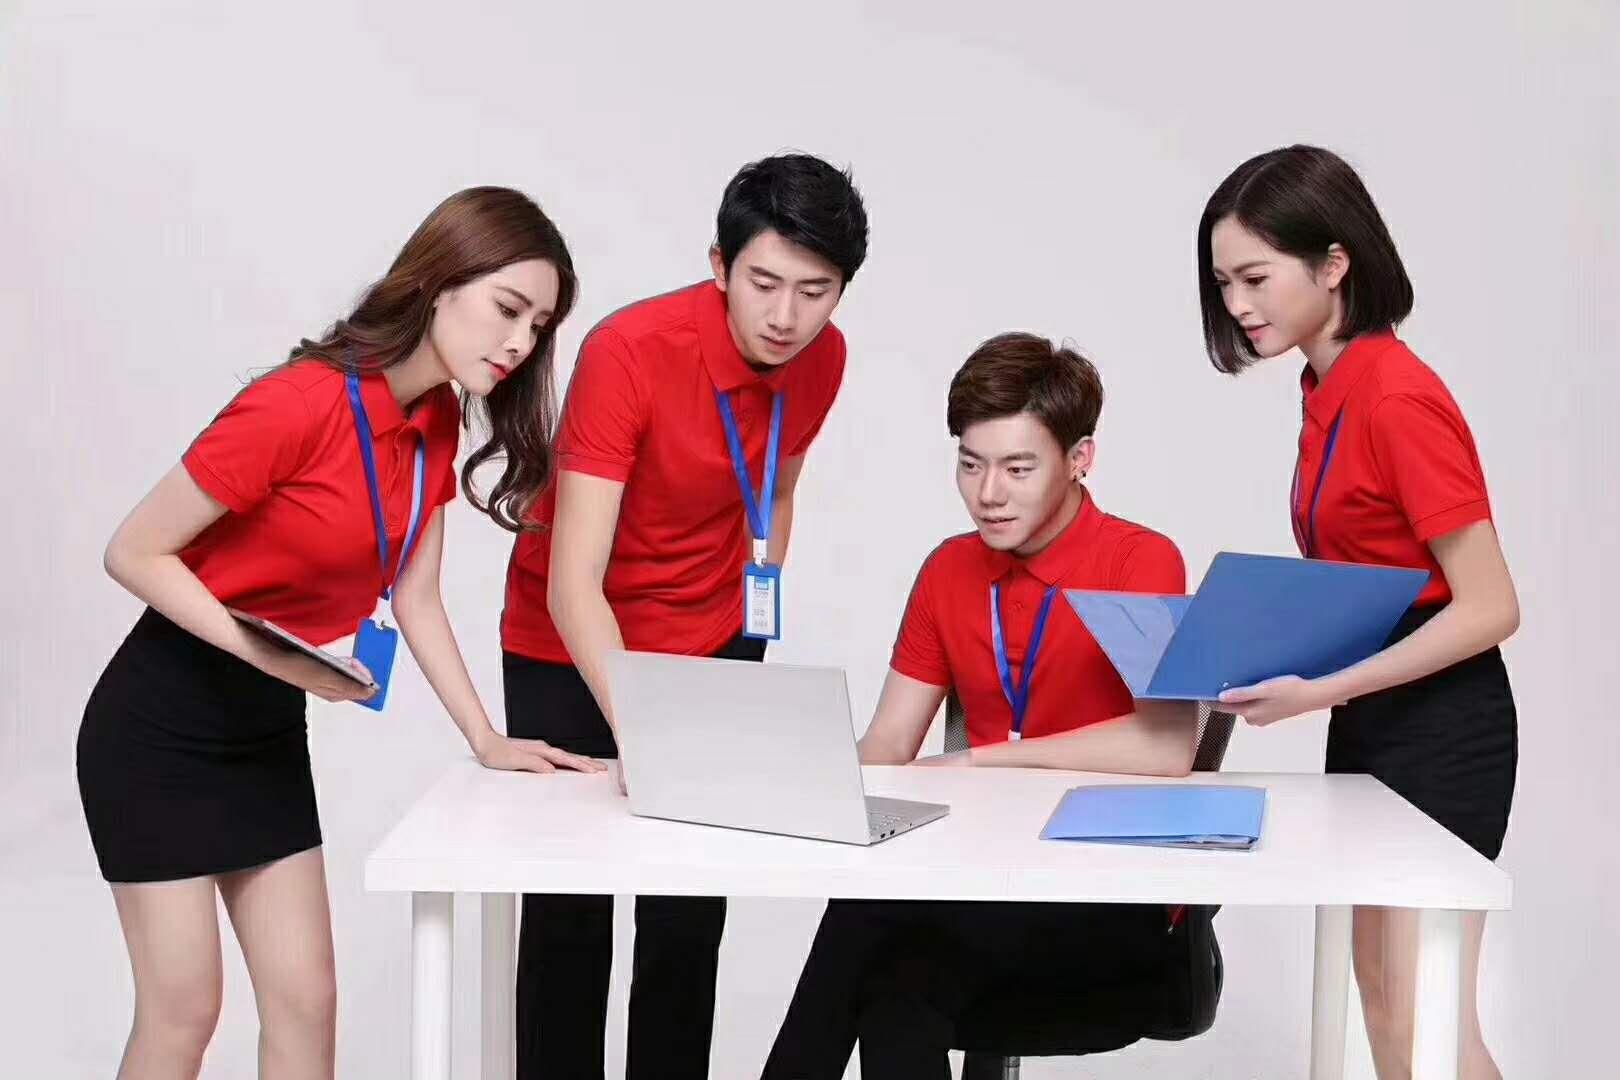 深圳工作服生产厂家